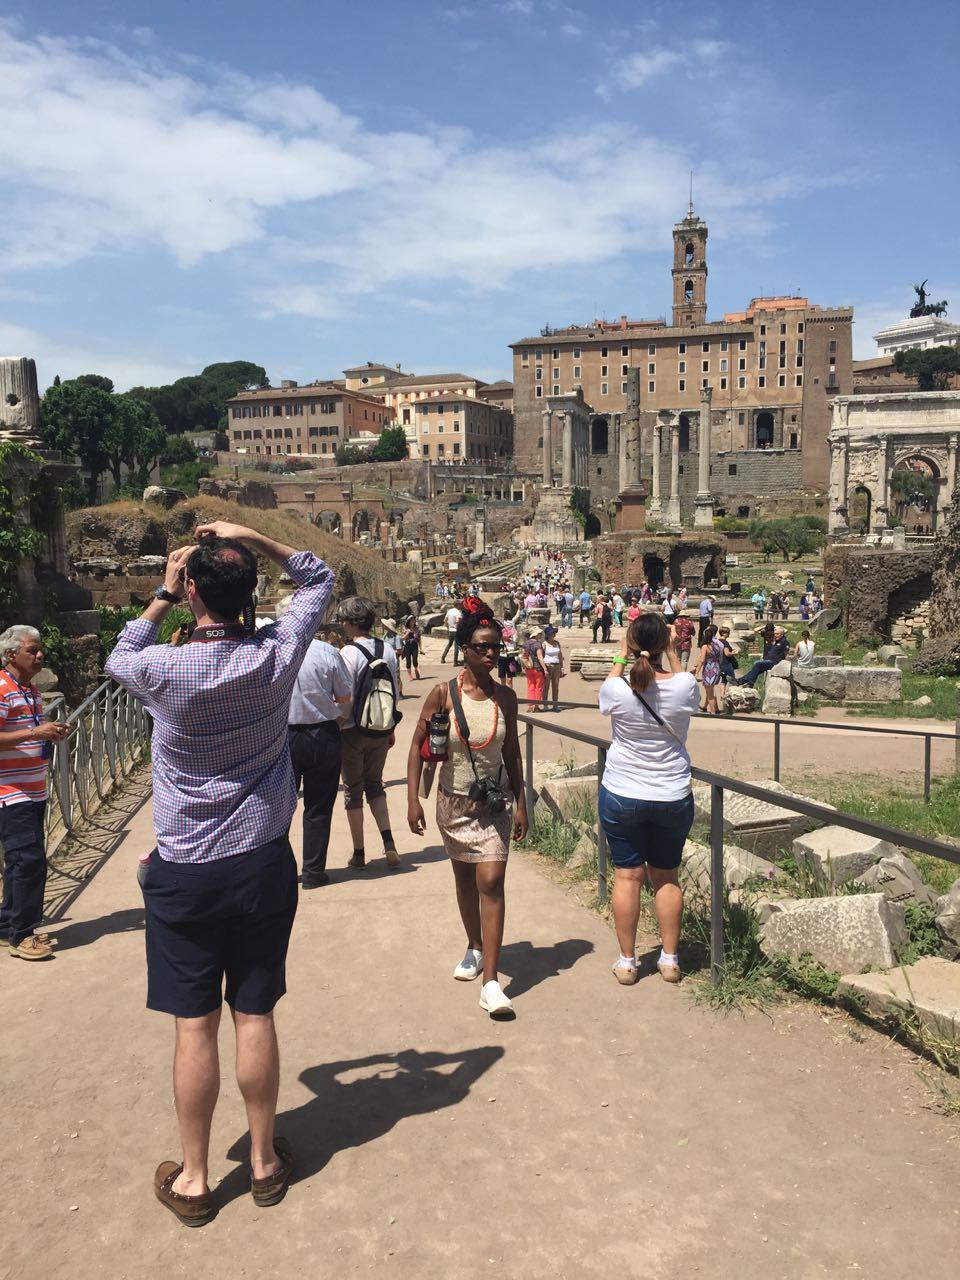 1FT Rome Italy - Campitelli - Lazio, May 20, 2015 - 13 of 75